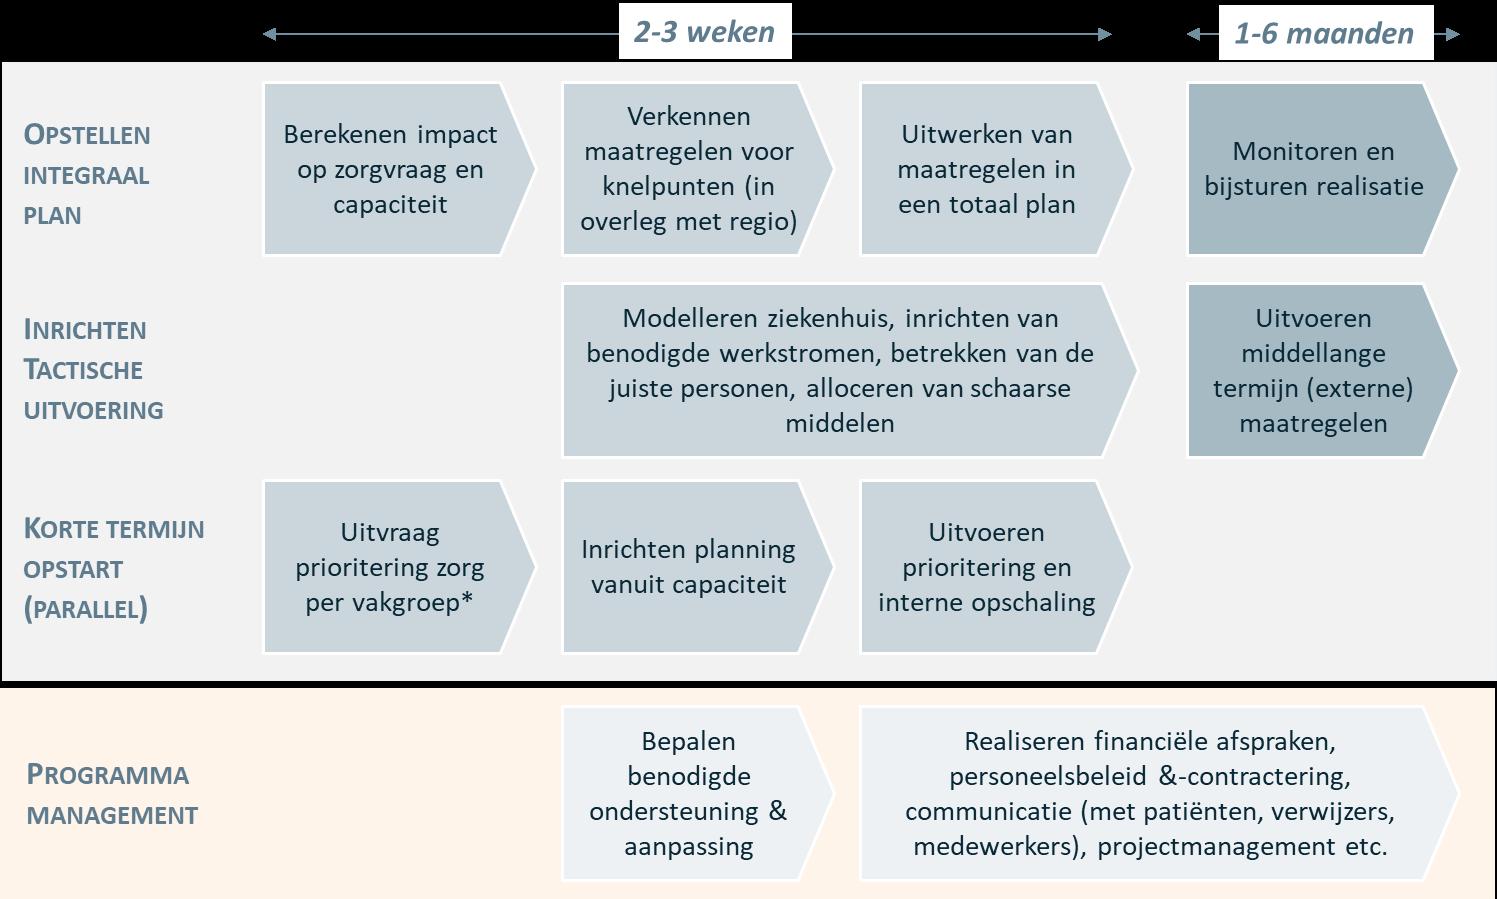 integraal stappenplan voor alle benodigde werkstromen door Vintura consultancy